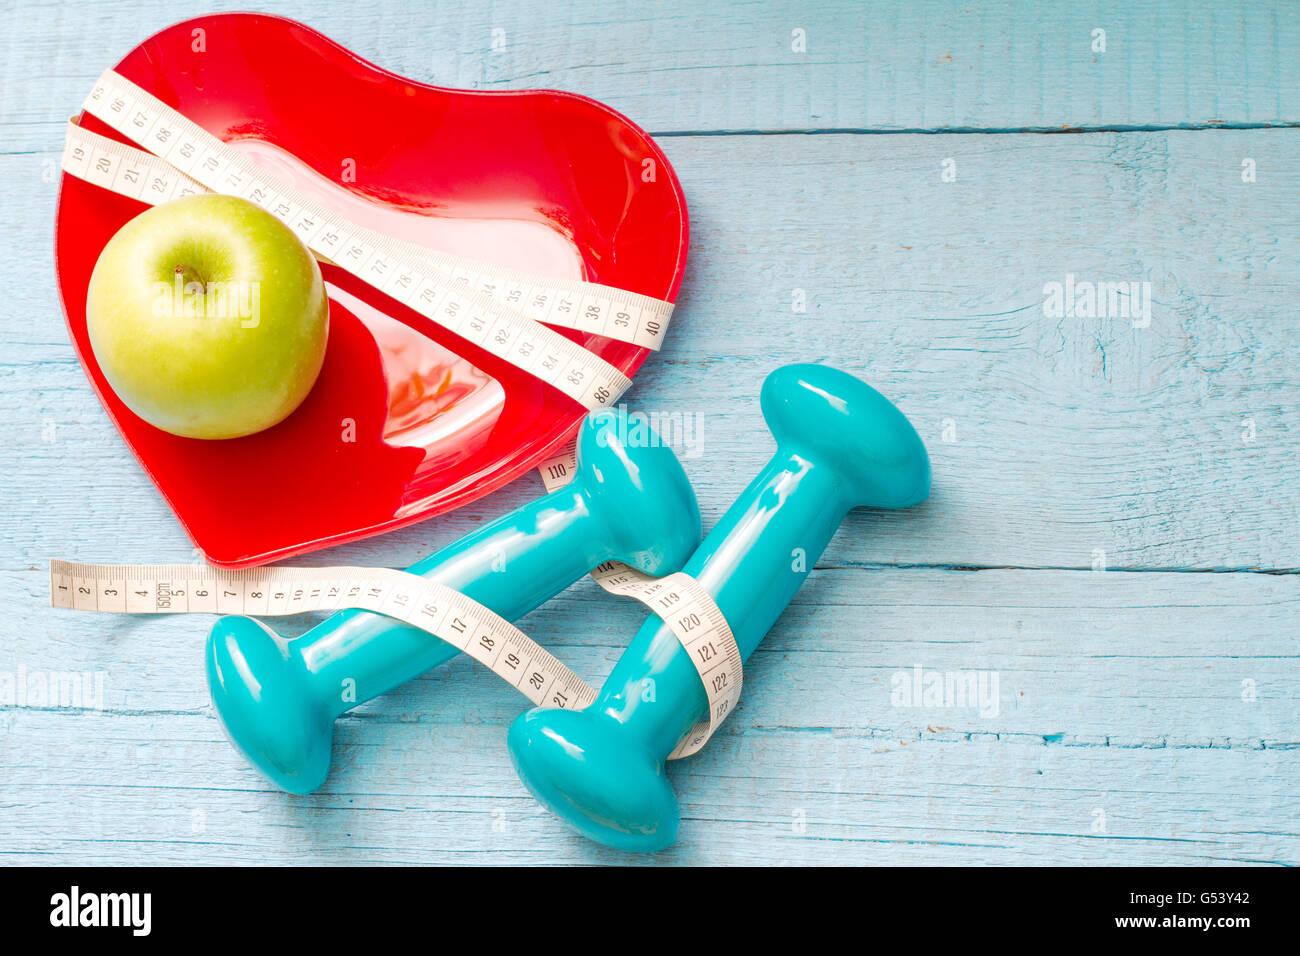 Mettre en place et de la santé concept abstrait avec coeur rouge Plaque sur fond bleu en bois Photo Stock